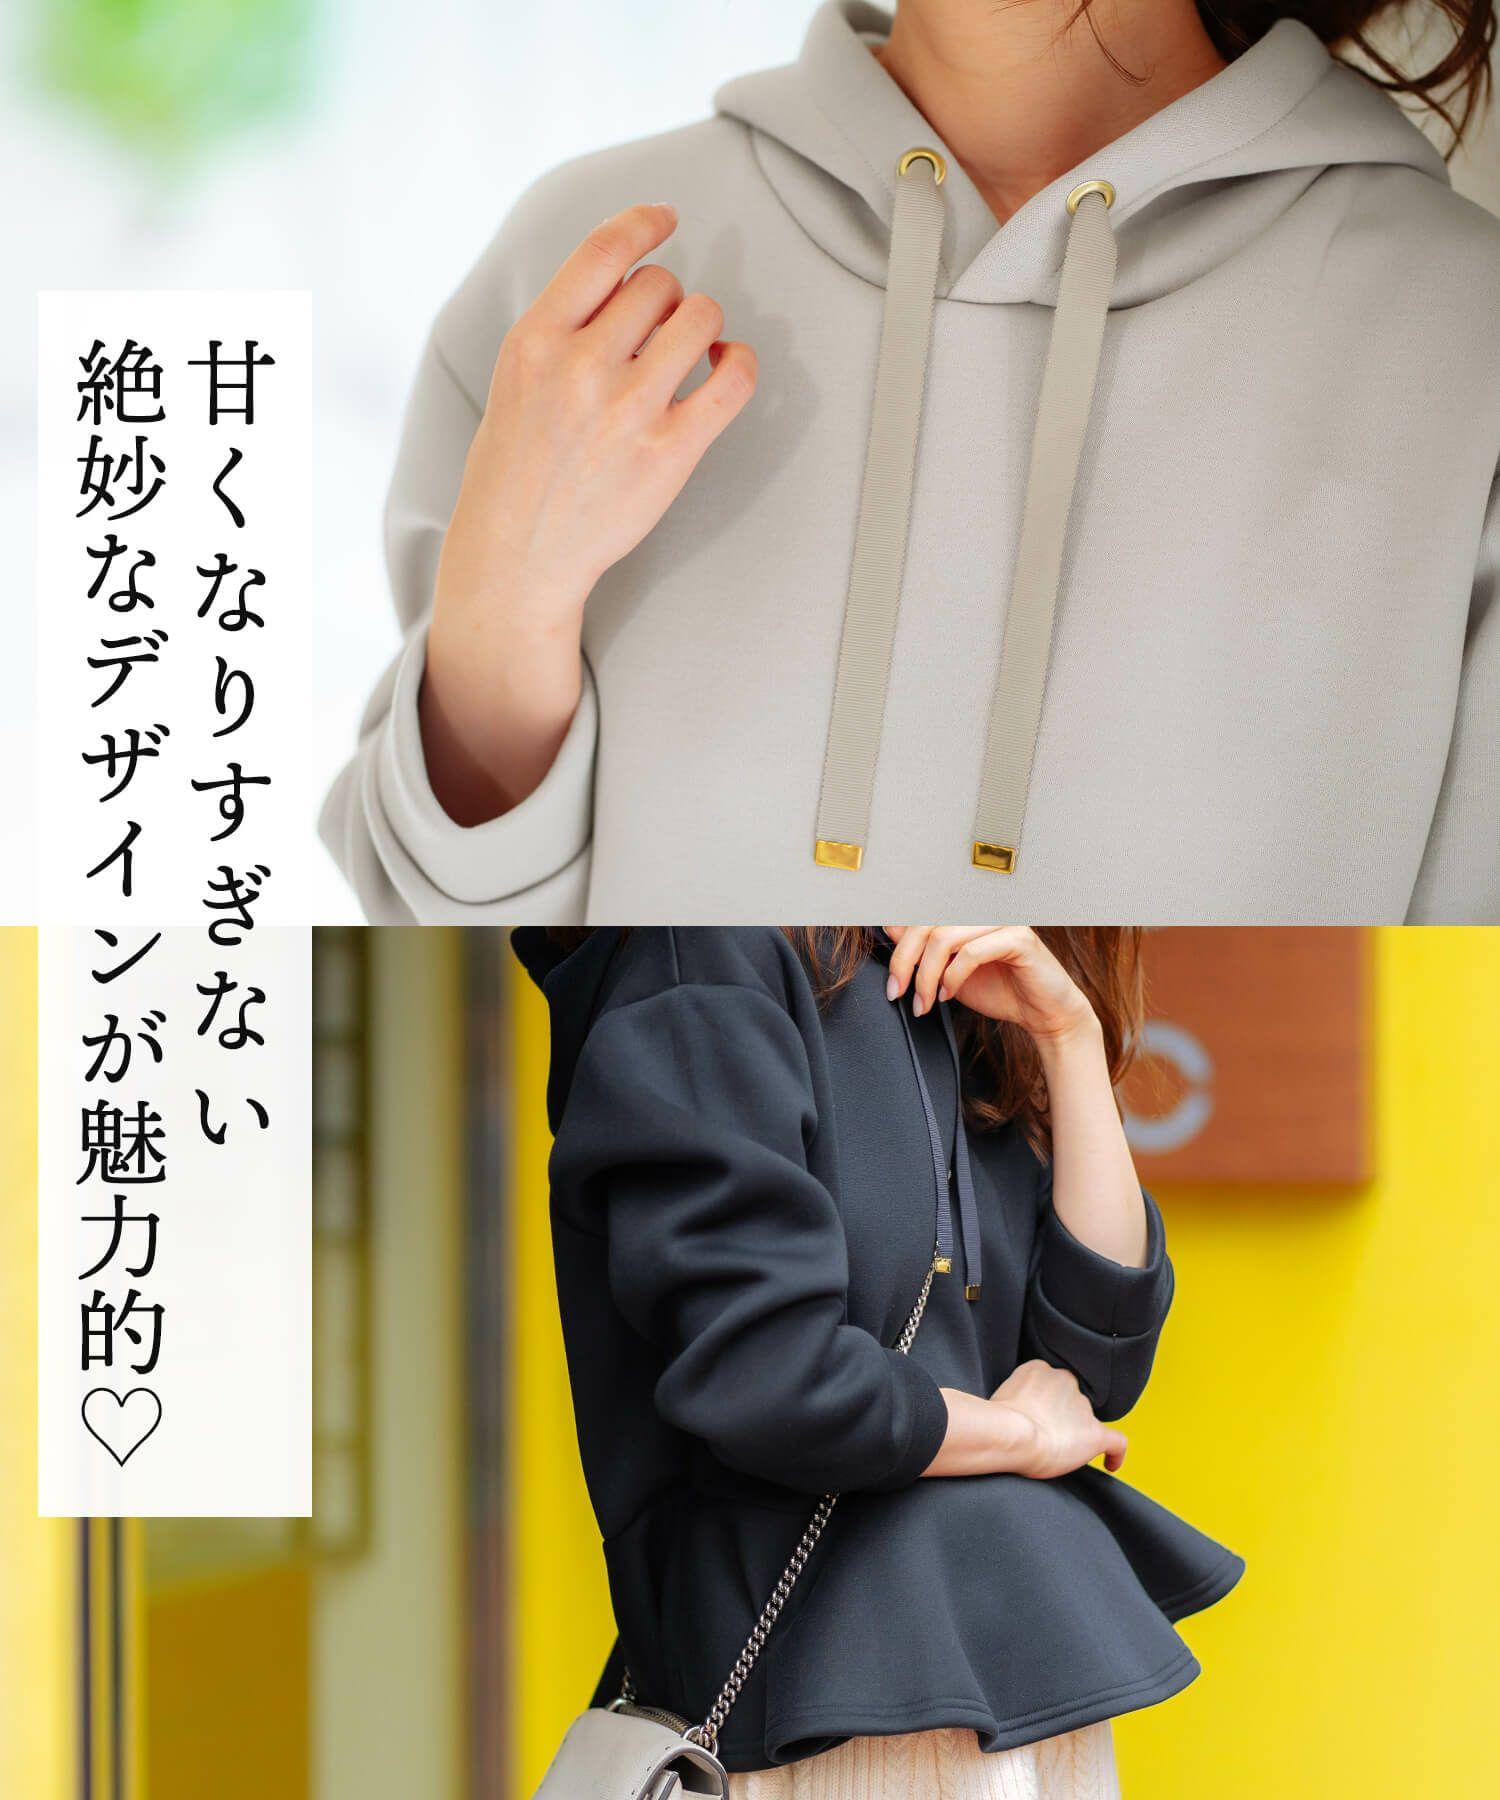 日本製/フーディ/グログラン/リボン/長袖/フェミニン/きれいめ/手洗い可/上品/大人カジュアル/ホワイト/ベージュ/ネイビー